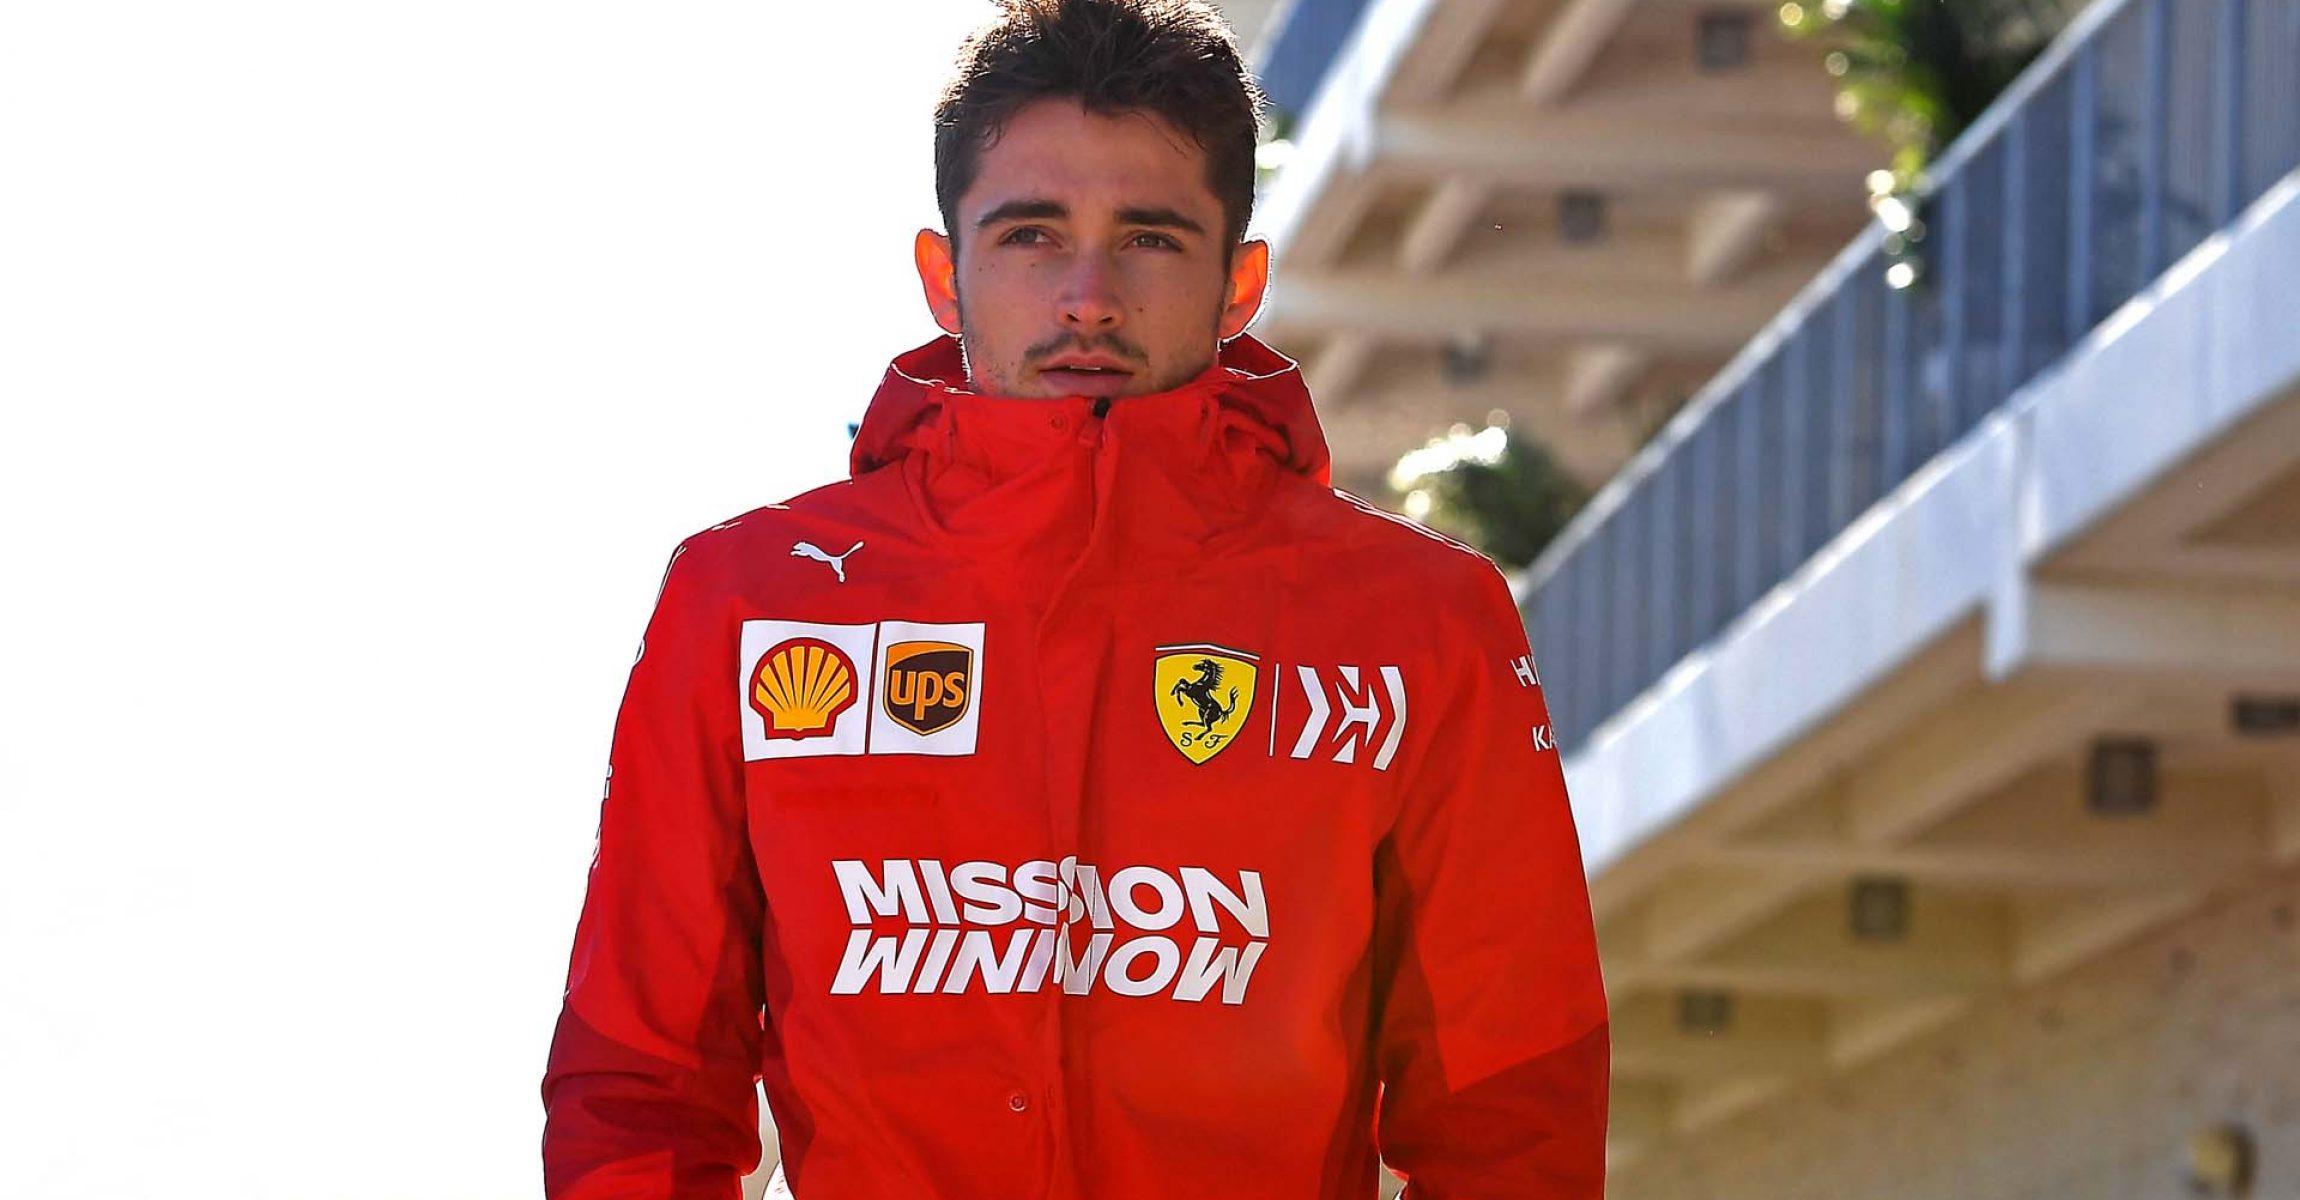 GP USA F1/2019 - GIOVEDÌ 31/10/2019 credit: @Scuderia Ferrari Press Office Charles Leclerc Ferrari